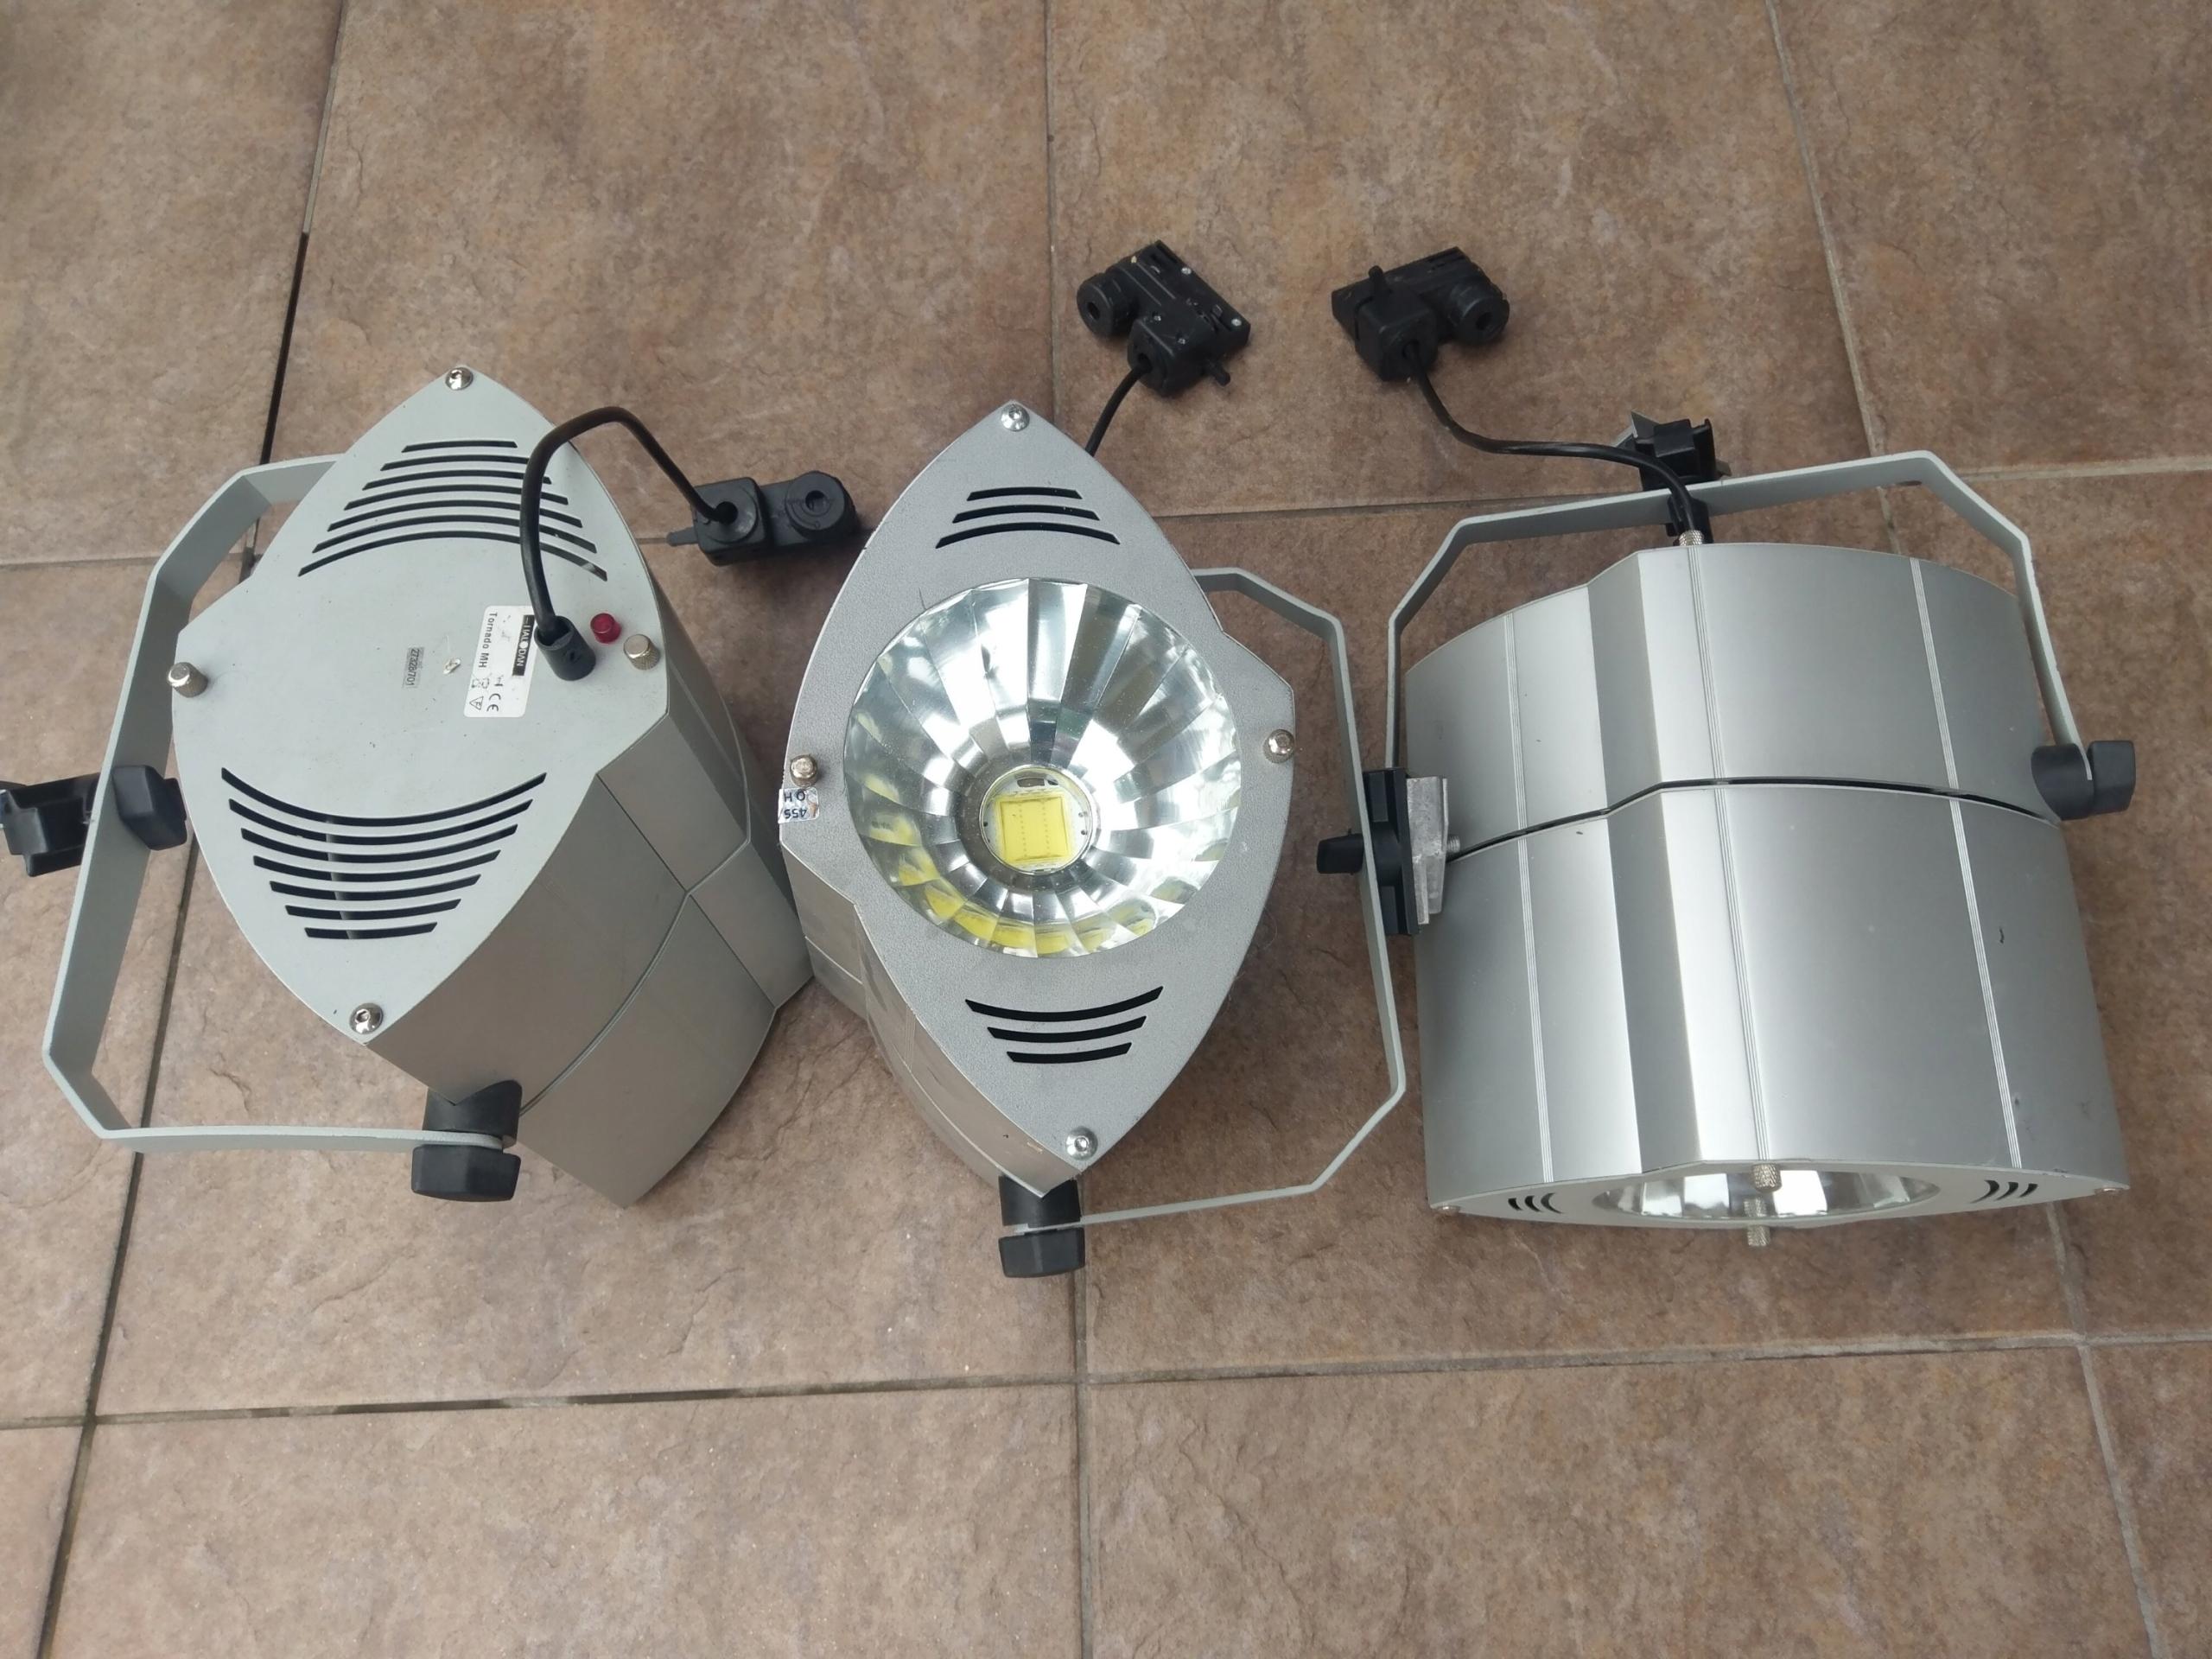 Lampy Halogenowe Oświetlenie Led Do Sklepu Hali